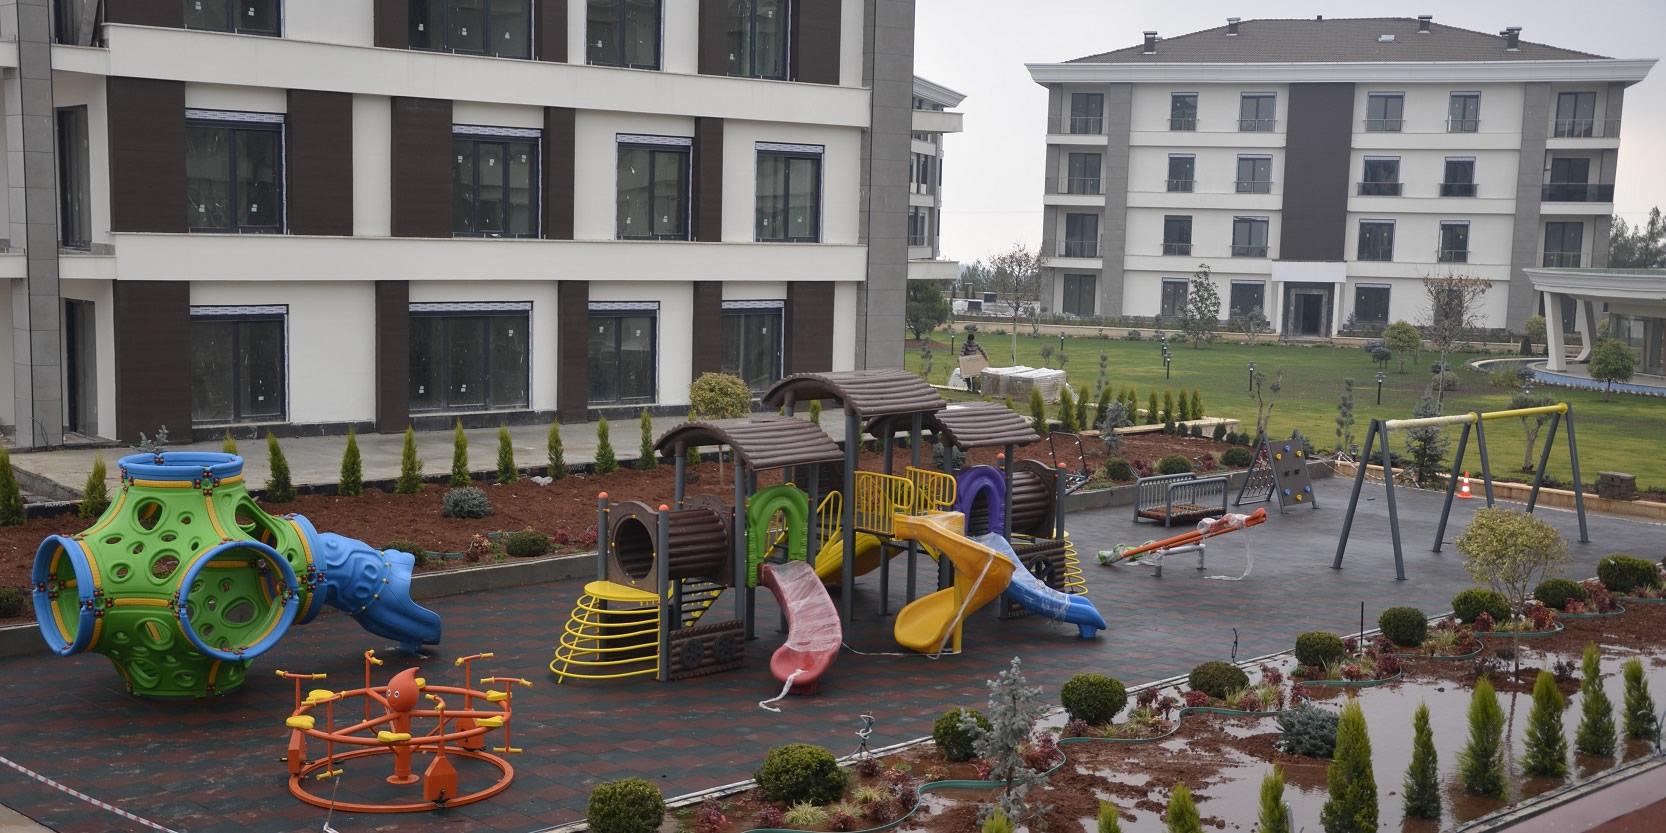 Çocuk oyun parkı nedir? Faydaları Nelerdir? Nasıl olmalıdır?